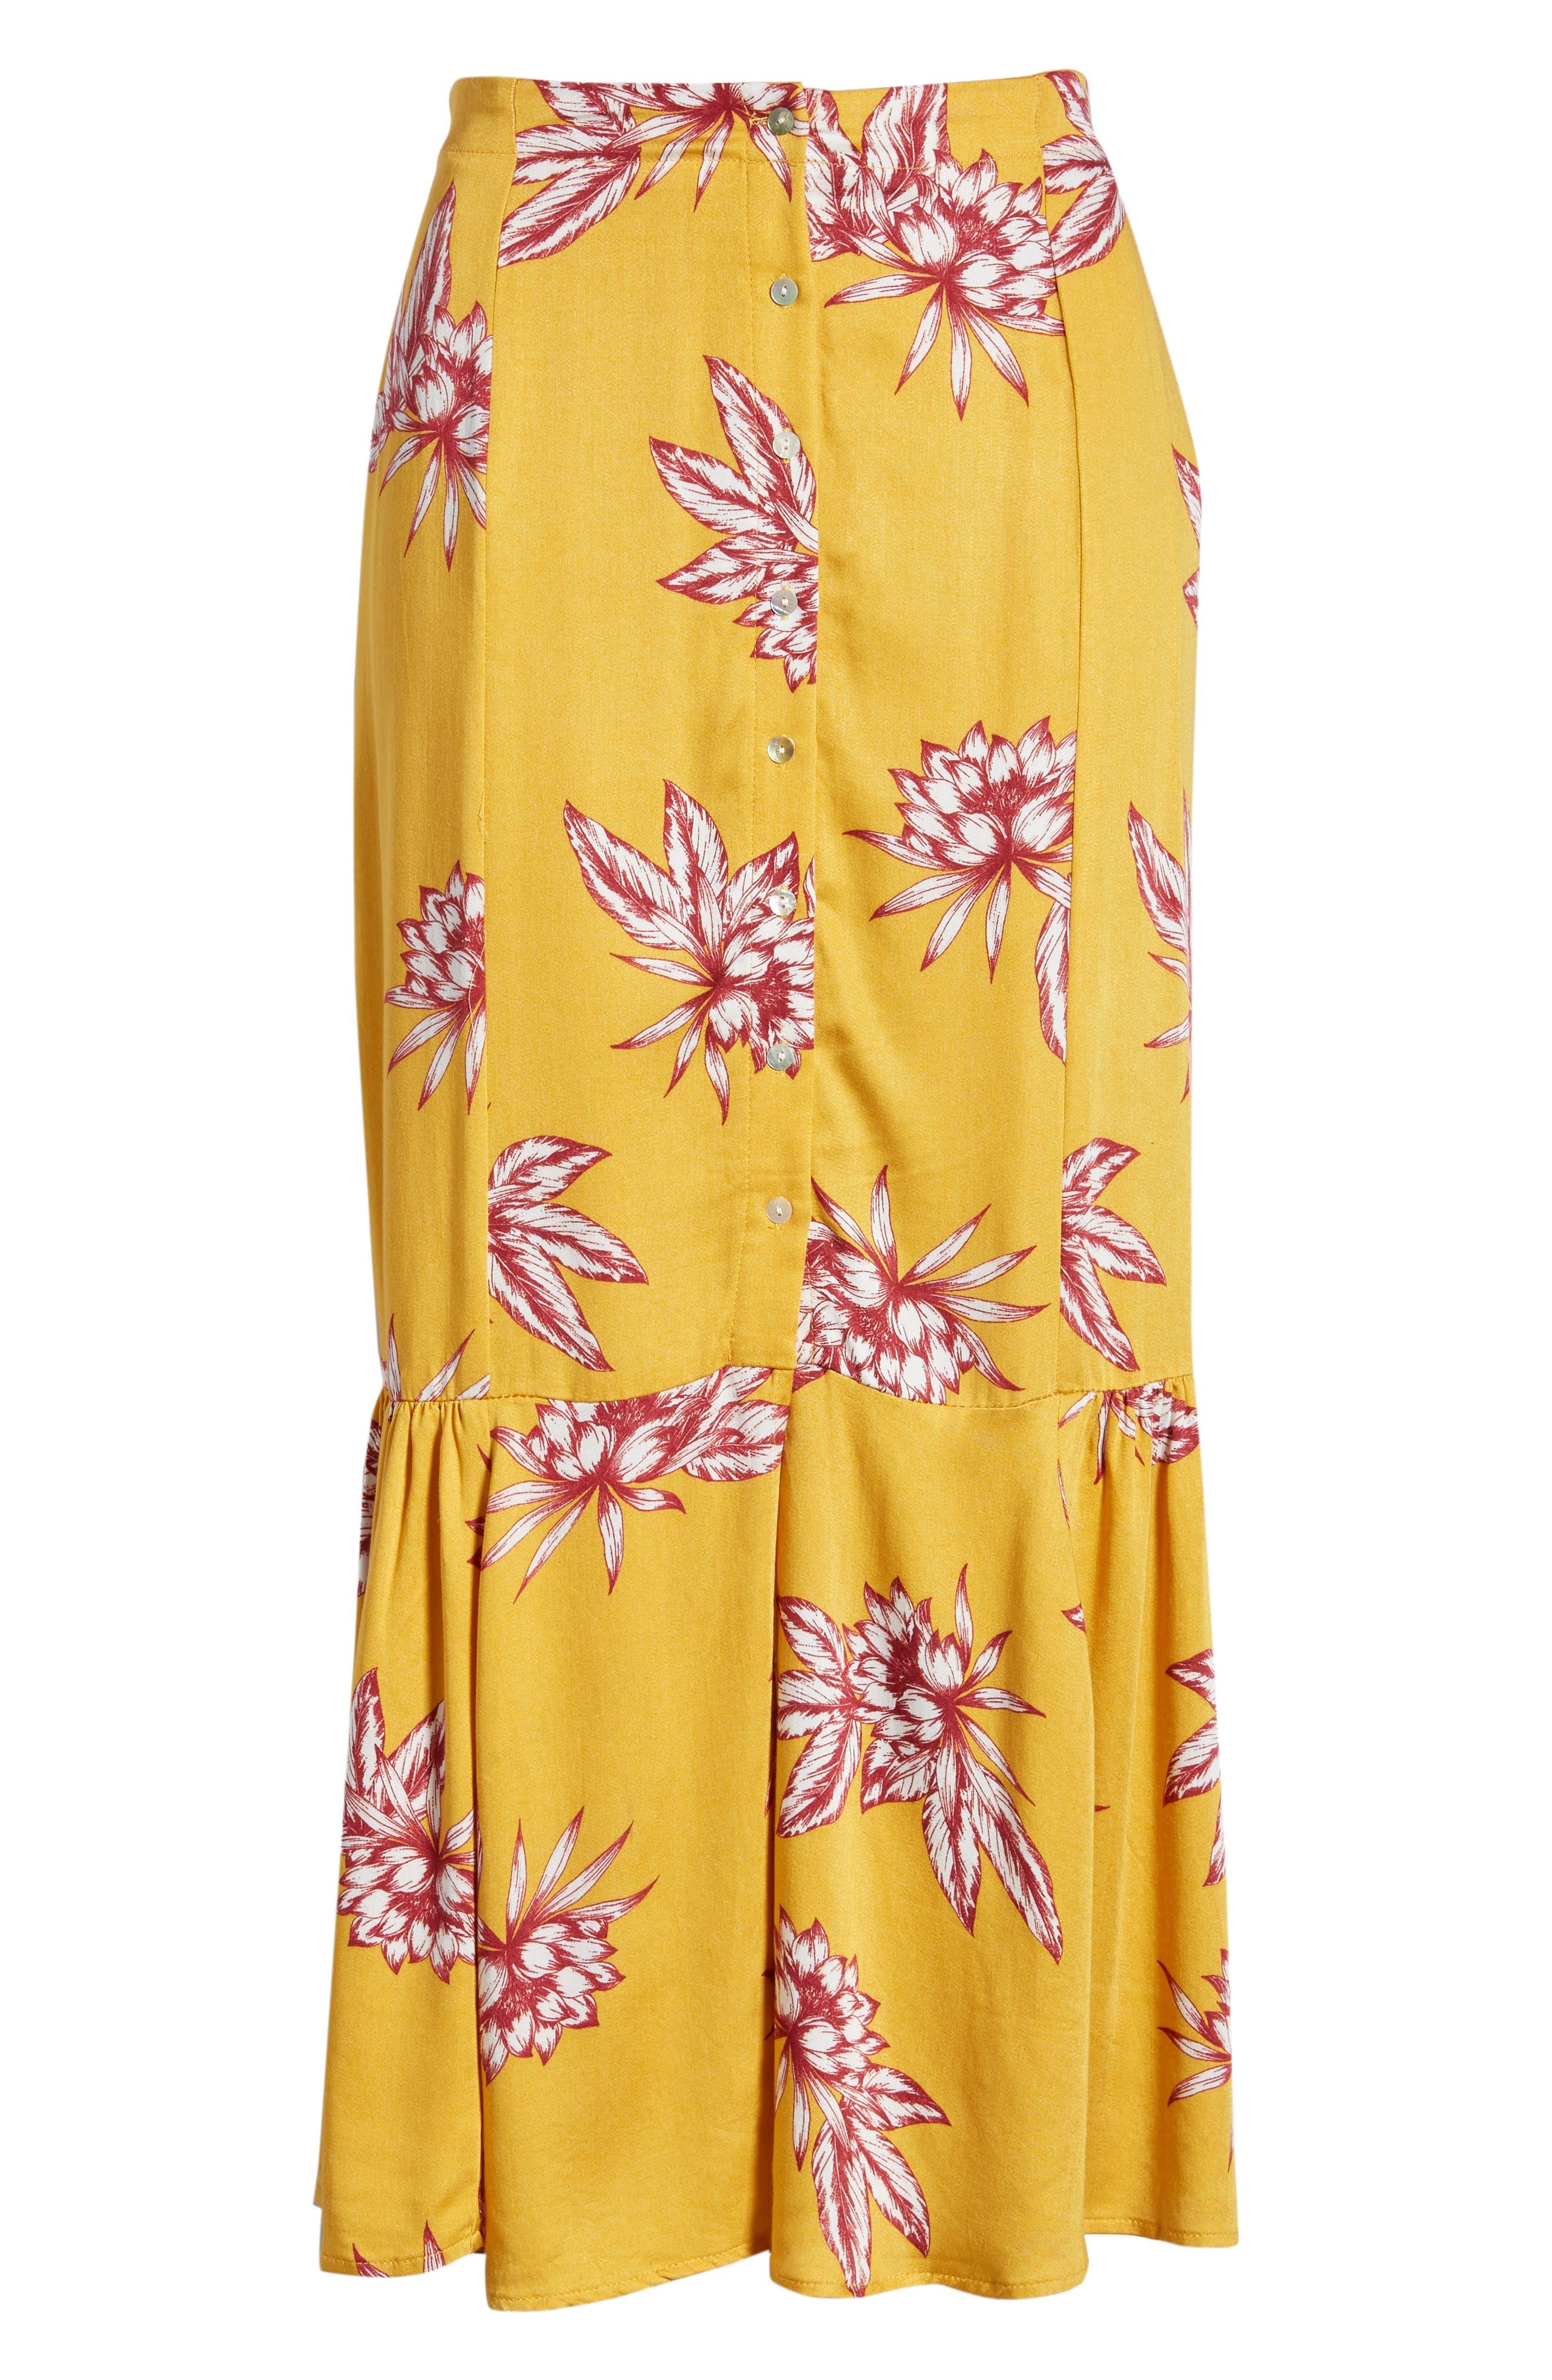 Searing Soul Midi Skirt,                             Alternate thumbnail 6, color,                             700